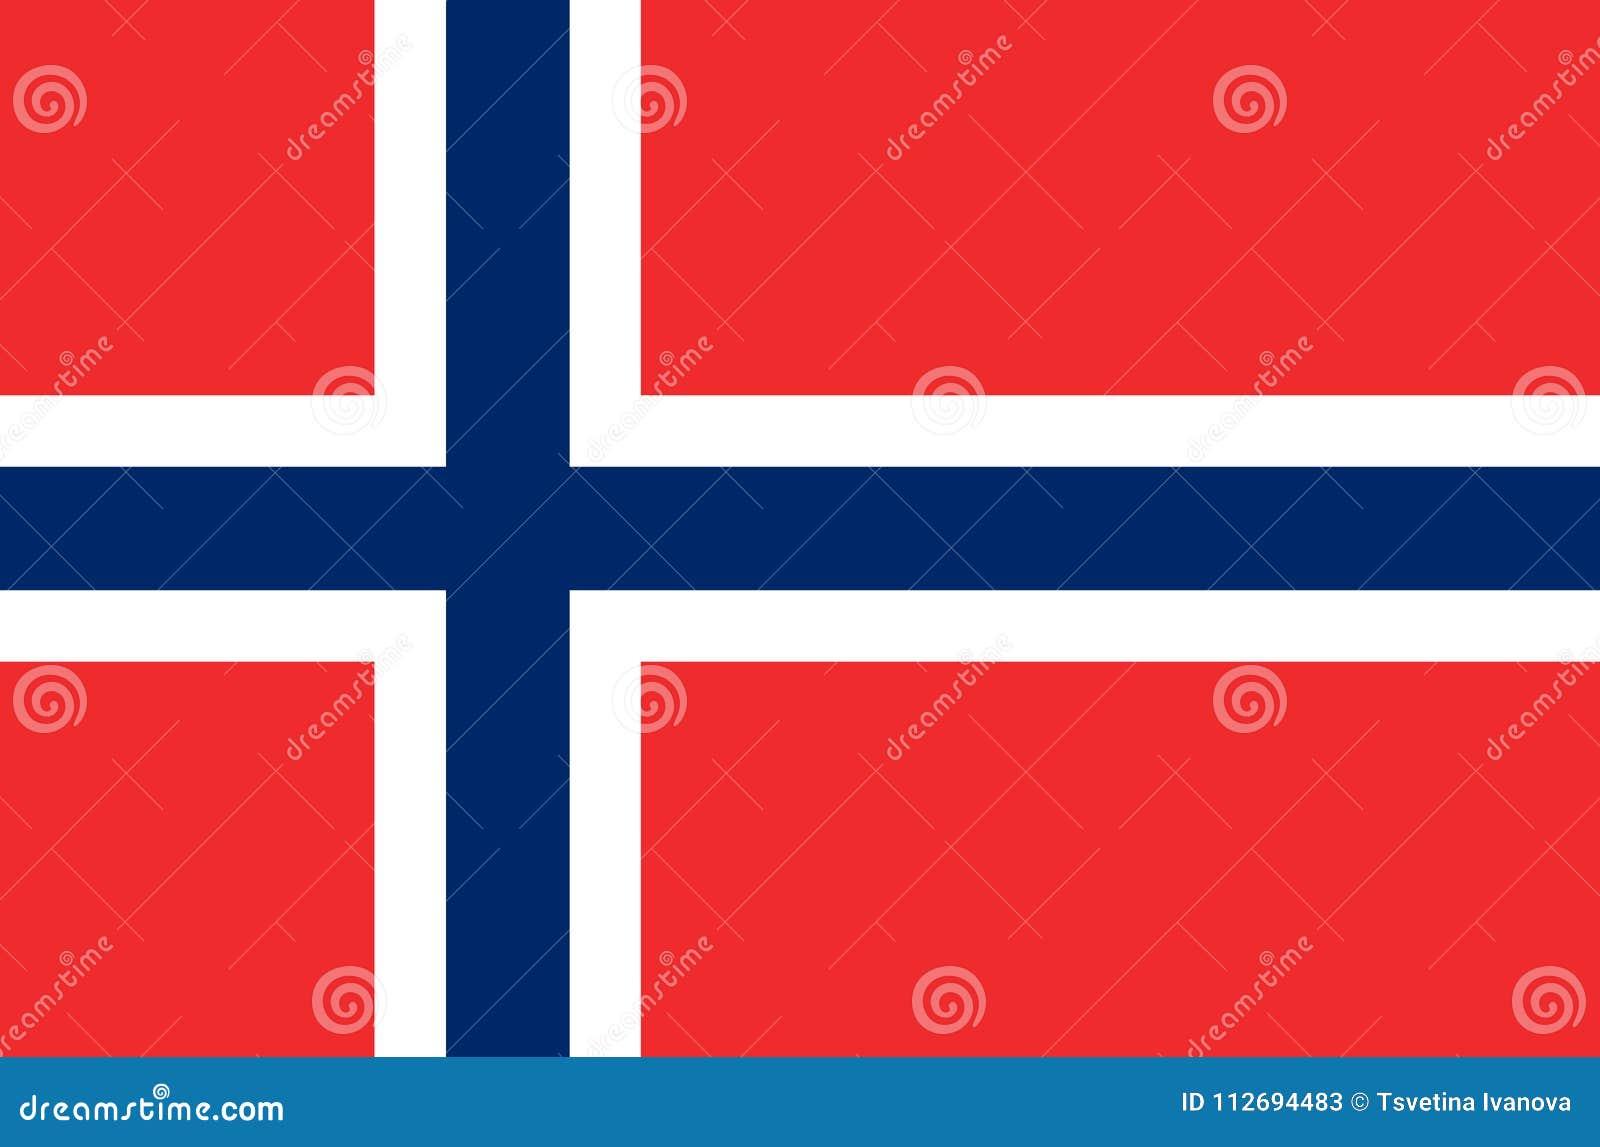 Drapeau national norvégien, drapeau officiel de couleurs précises de la Norvège